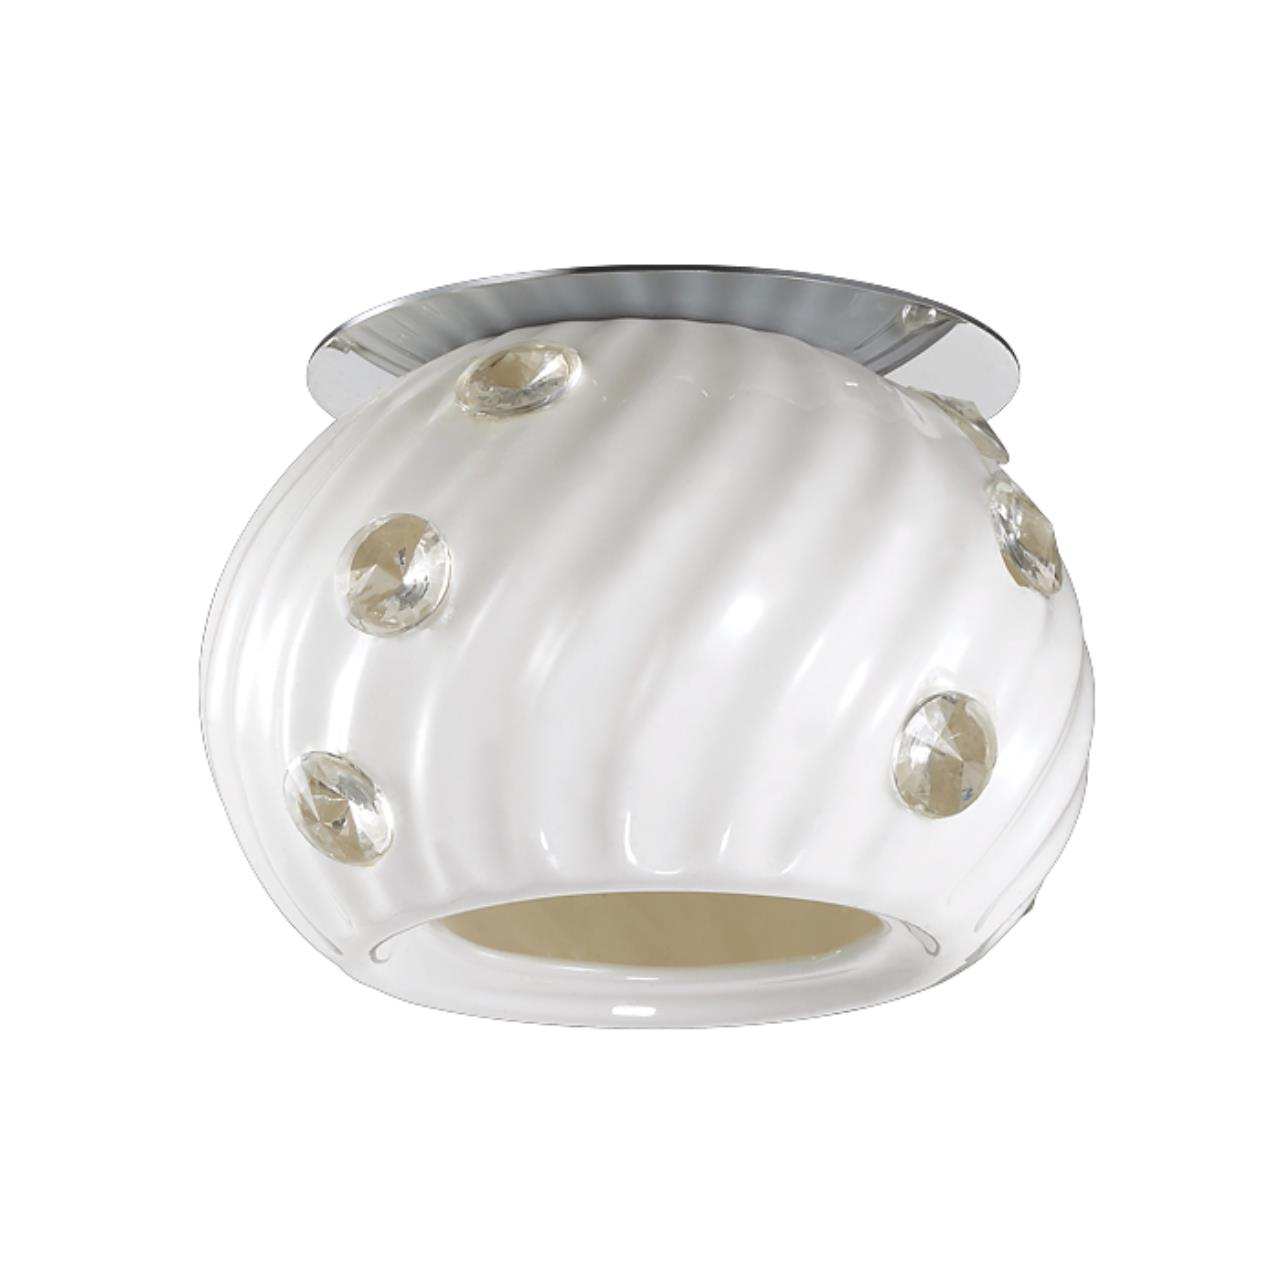 370157 NT15 190 хром Встраиваемый светильник IP20 G9 40W 220V ZEFIRO